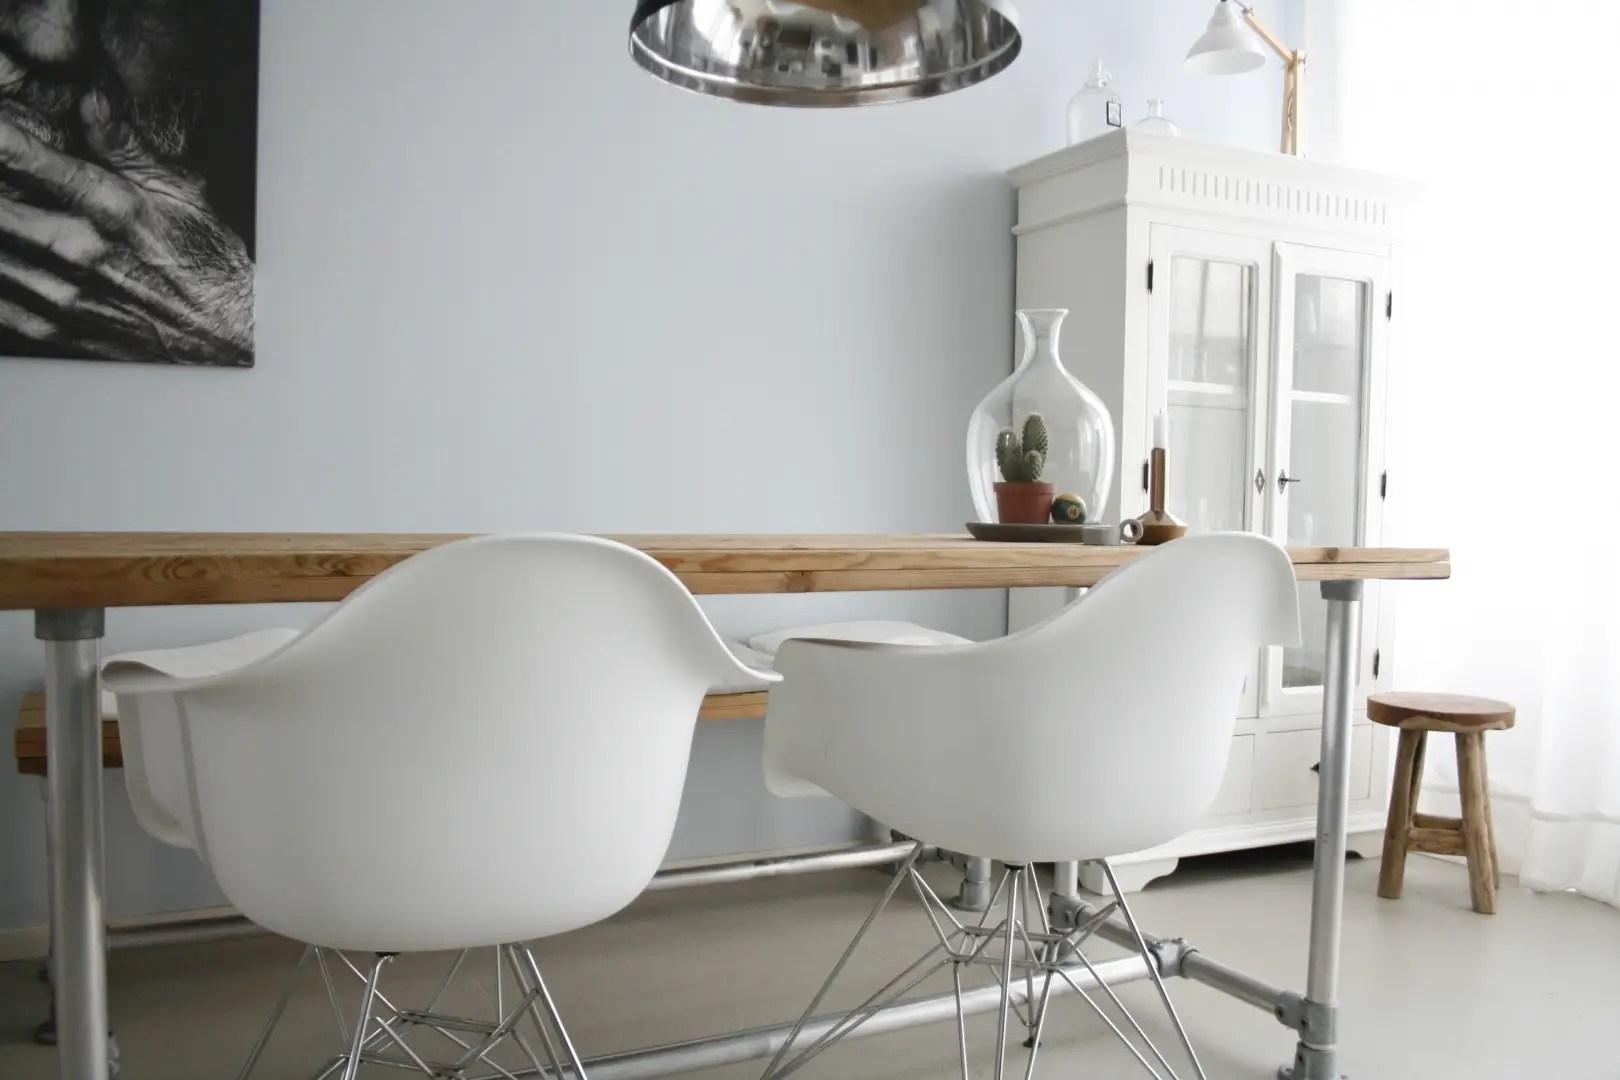 Binnenkijken Thuis Femke : Binnenkijken thuis bij femke deel 1 u2022 stijlvol styling